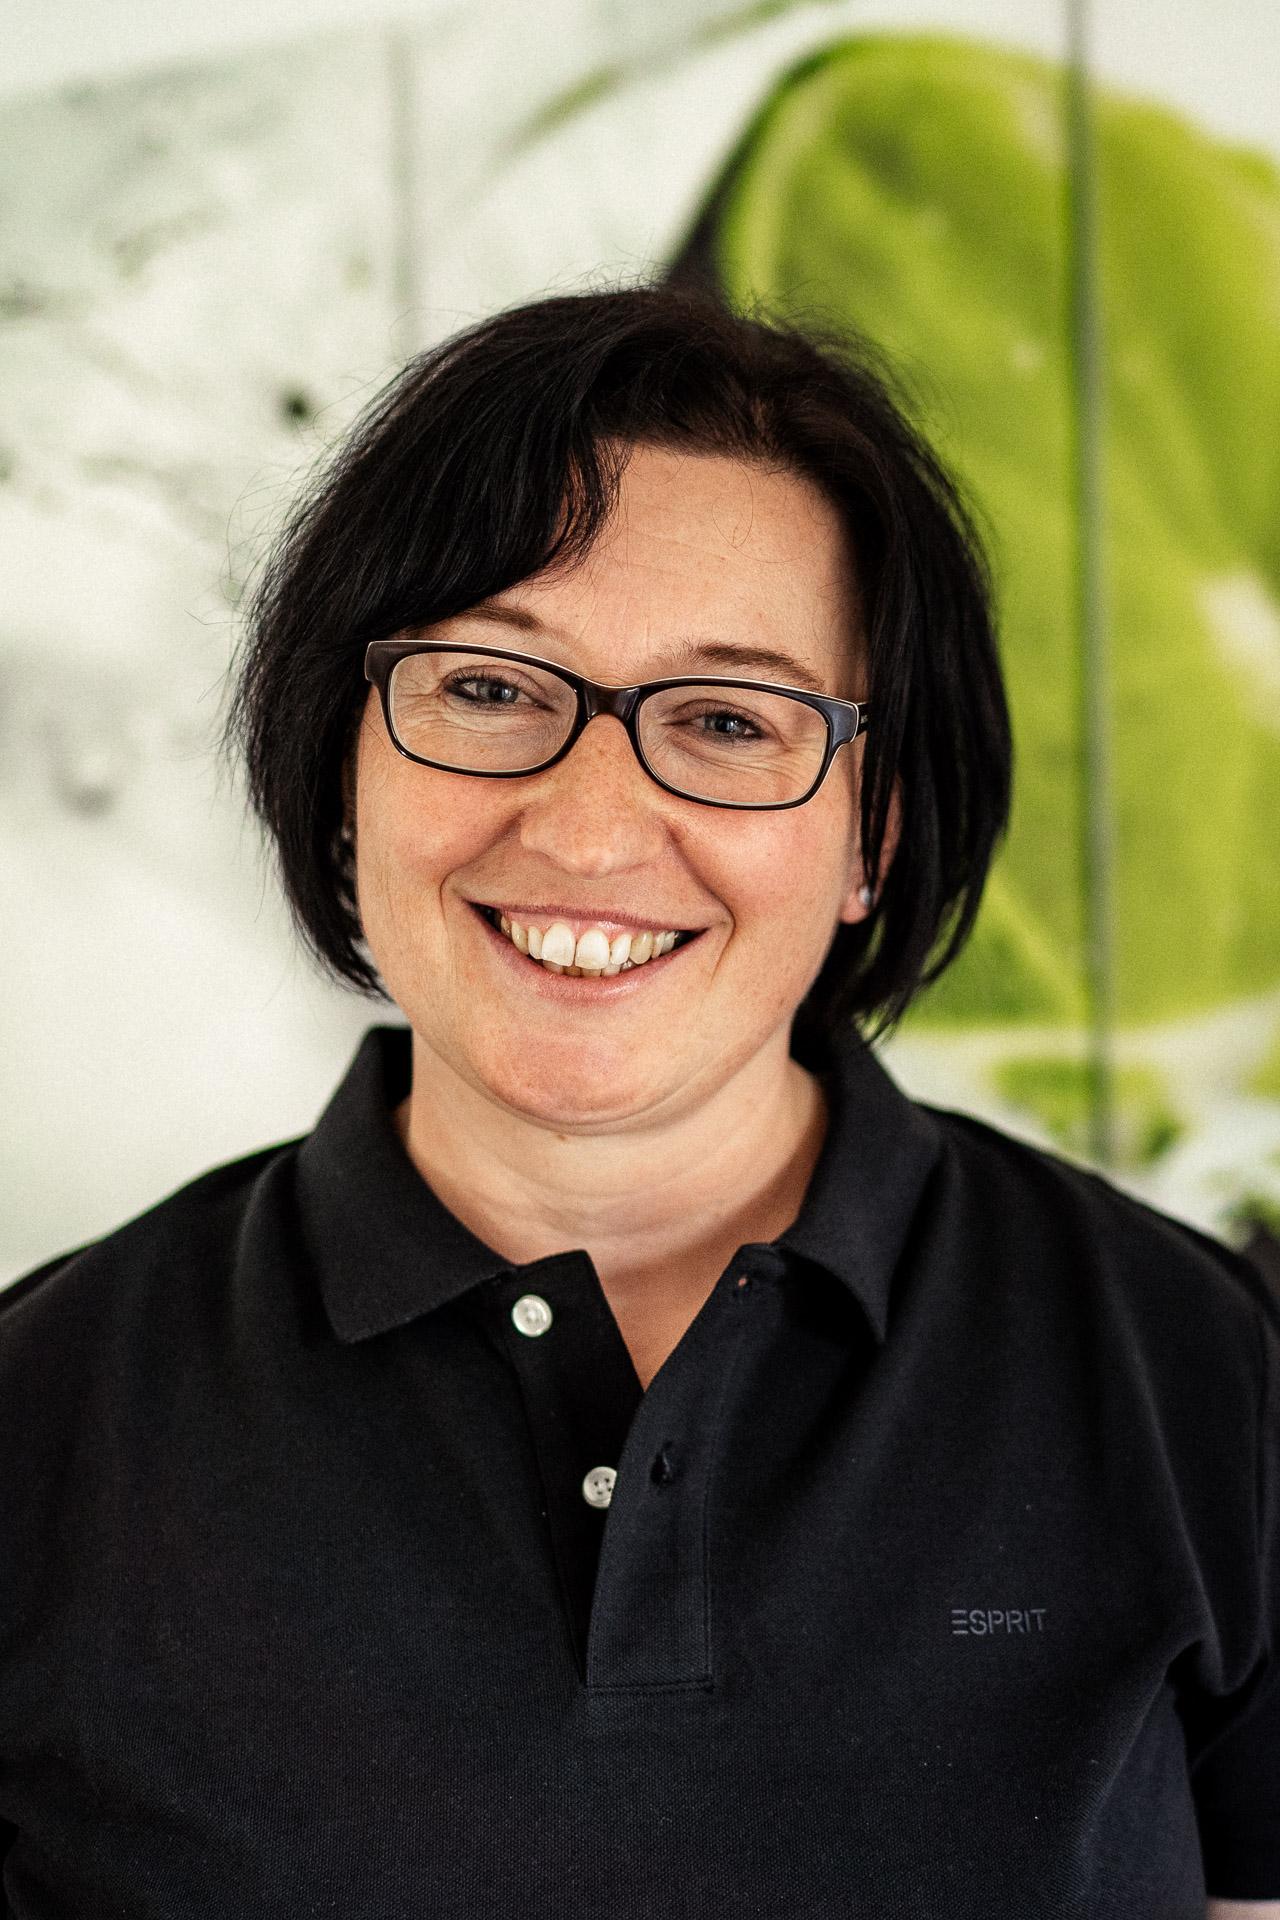 Anna Kirnstedter